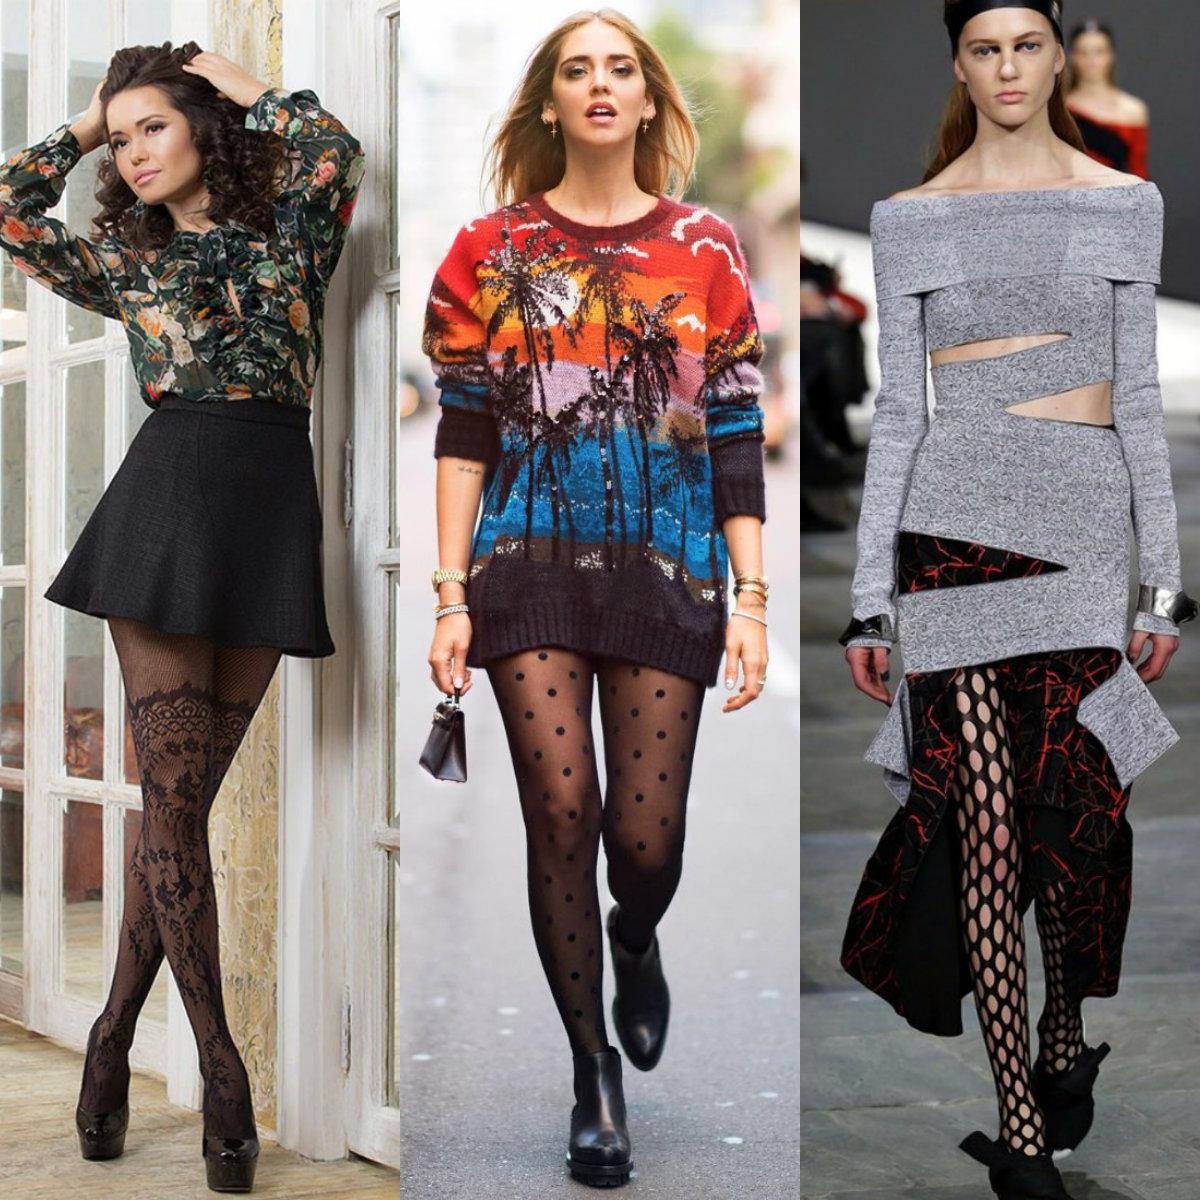 женская мода 2019 : чулки и колготы